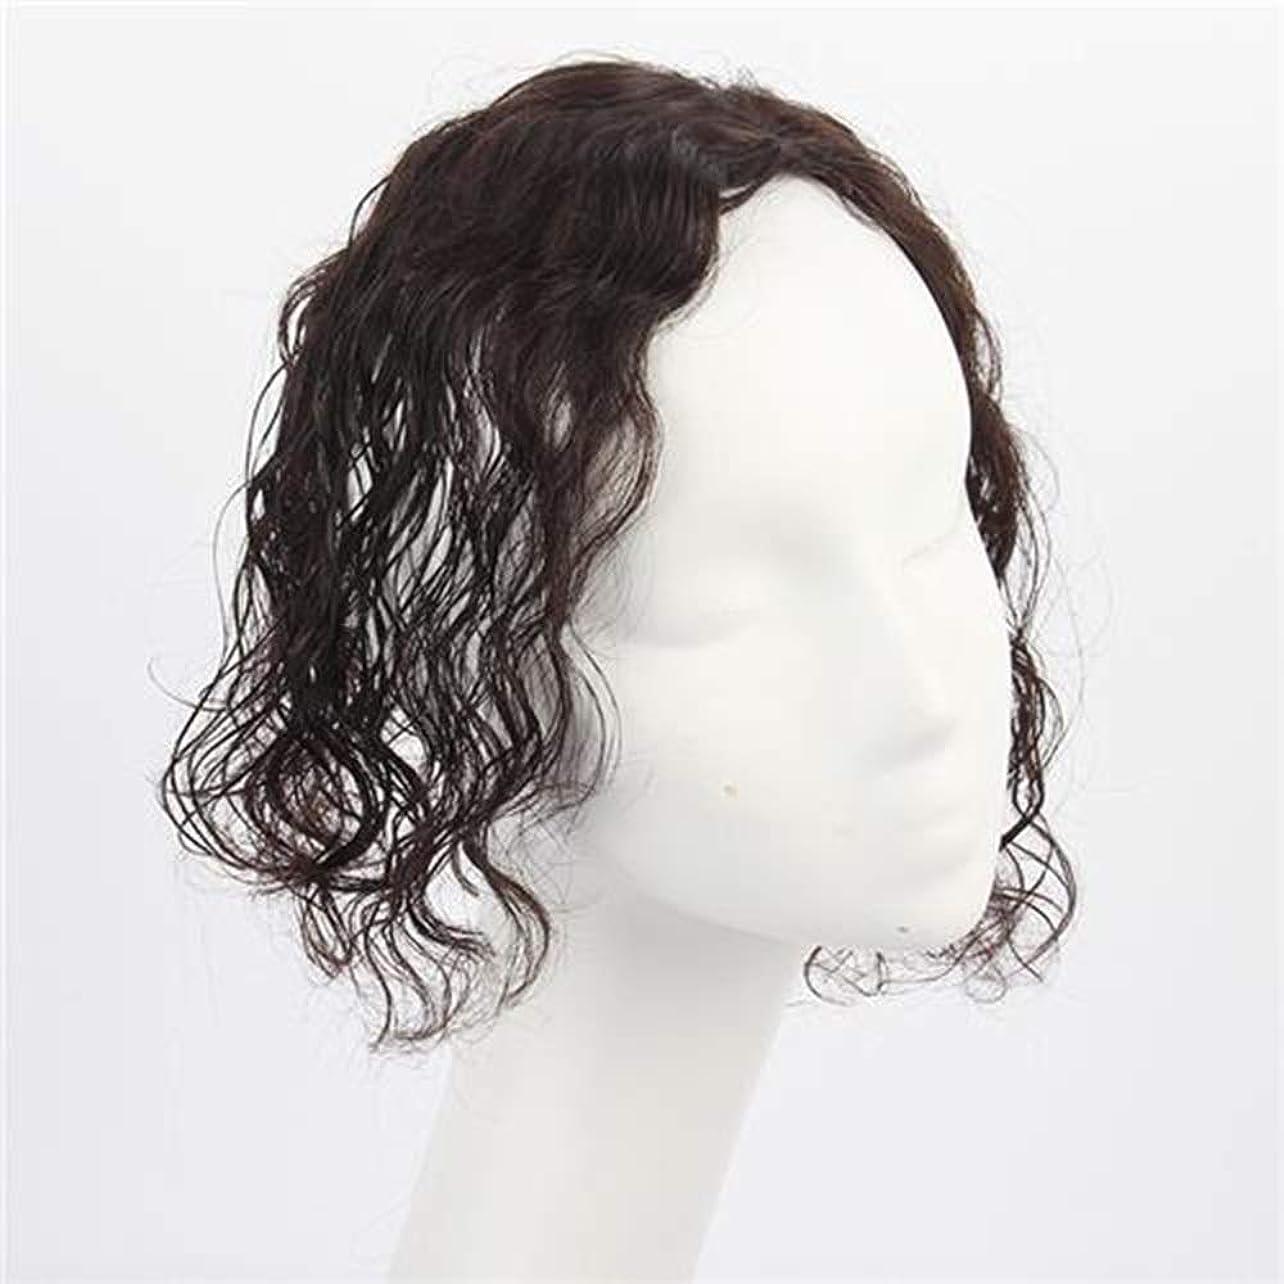 あらゆる種類のすべて黒人Yrattary 女性のための本物の巻き毛の中年かつらでナチュラルクリップ白髪合成髪レースかつらロールプレイングウィッグロングとショートの女性自然 (色 : Natural black, サイズ : 30cm)